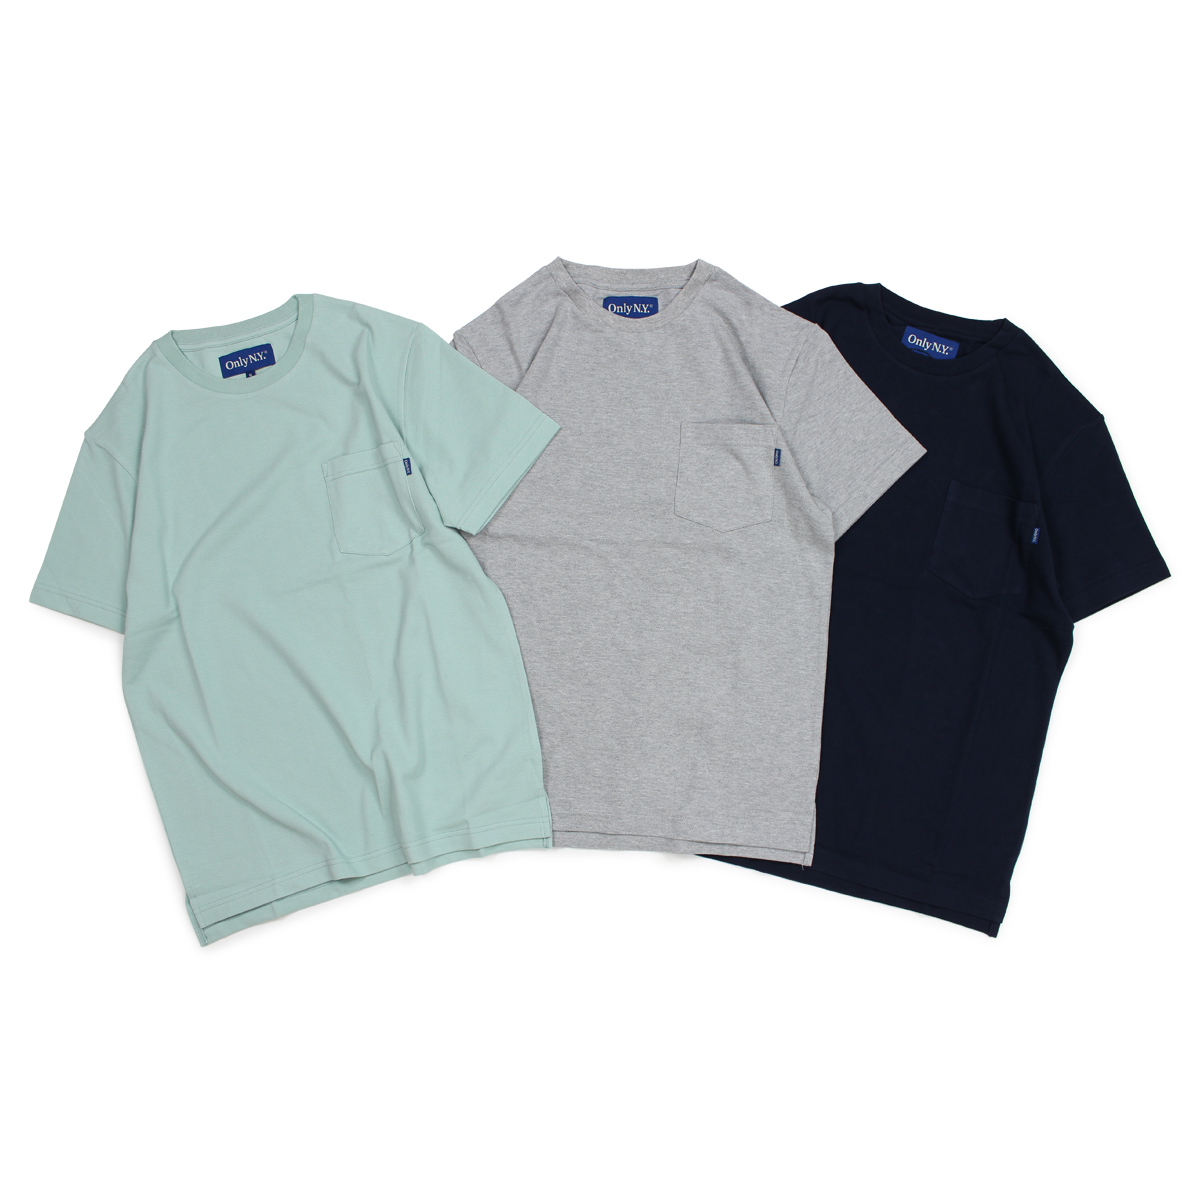 T shirt cotton clothes